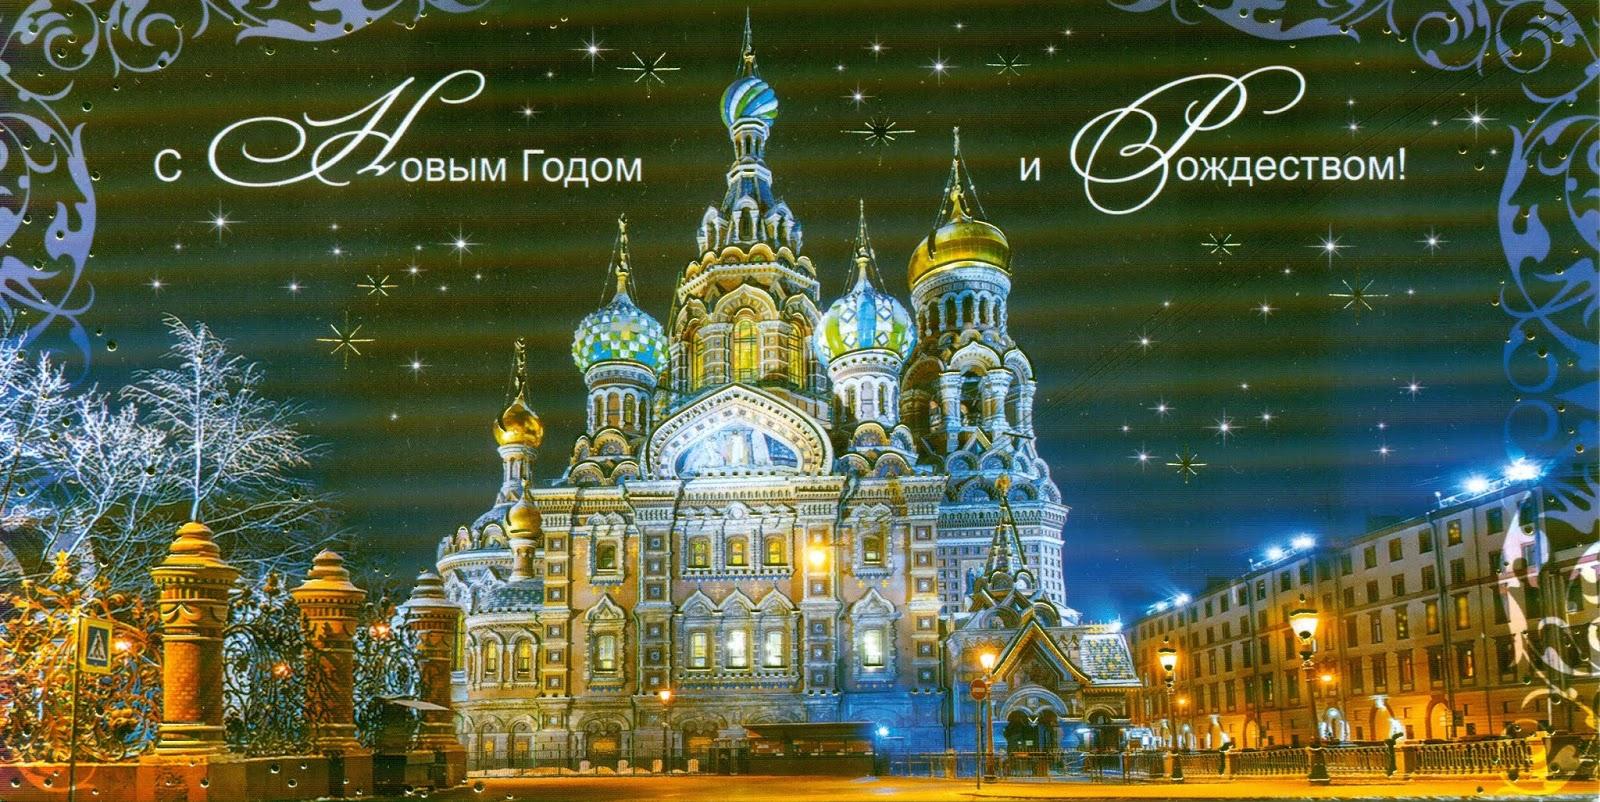 Открытки новогоднего петербурга, картинки имя